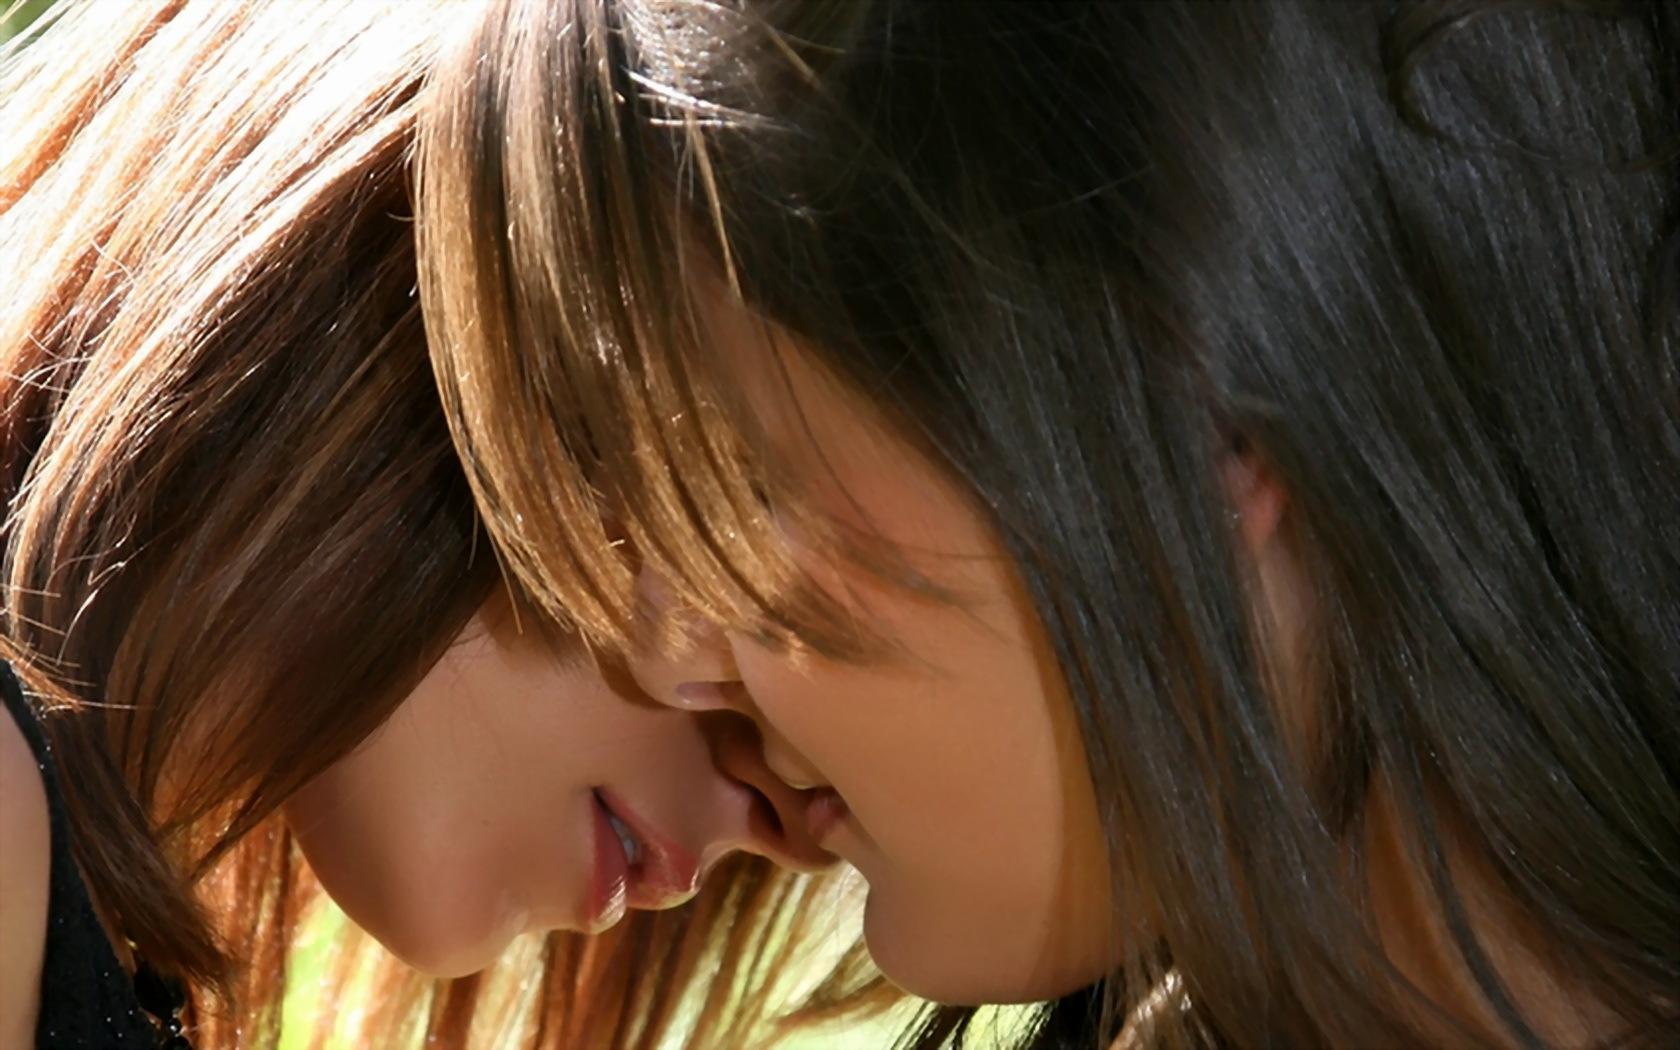 девушки поцелуй фото некоторые даже